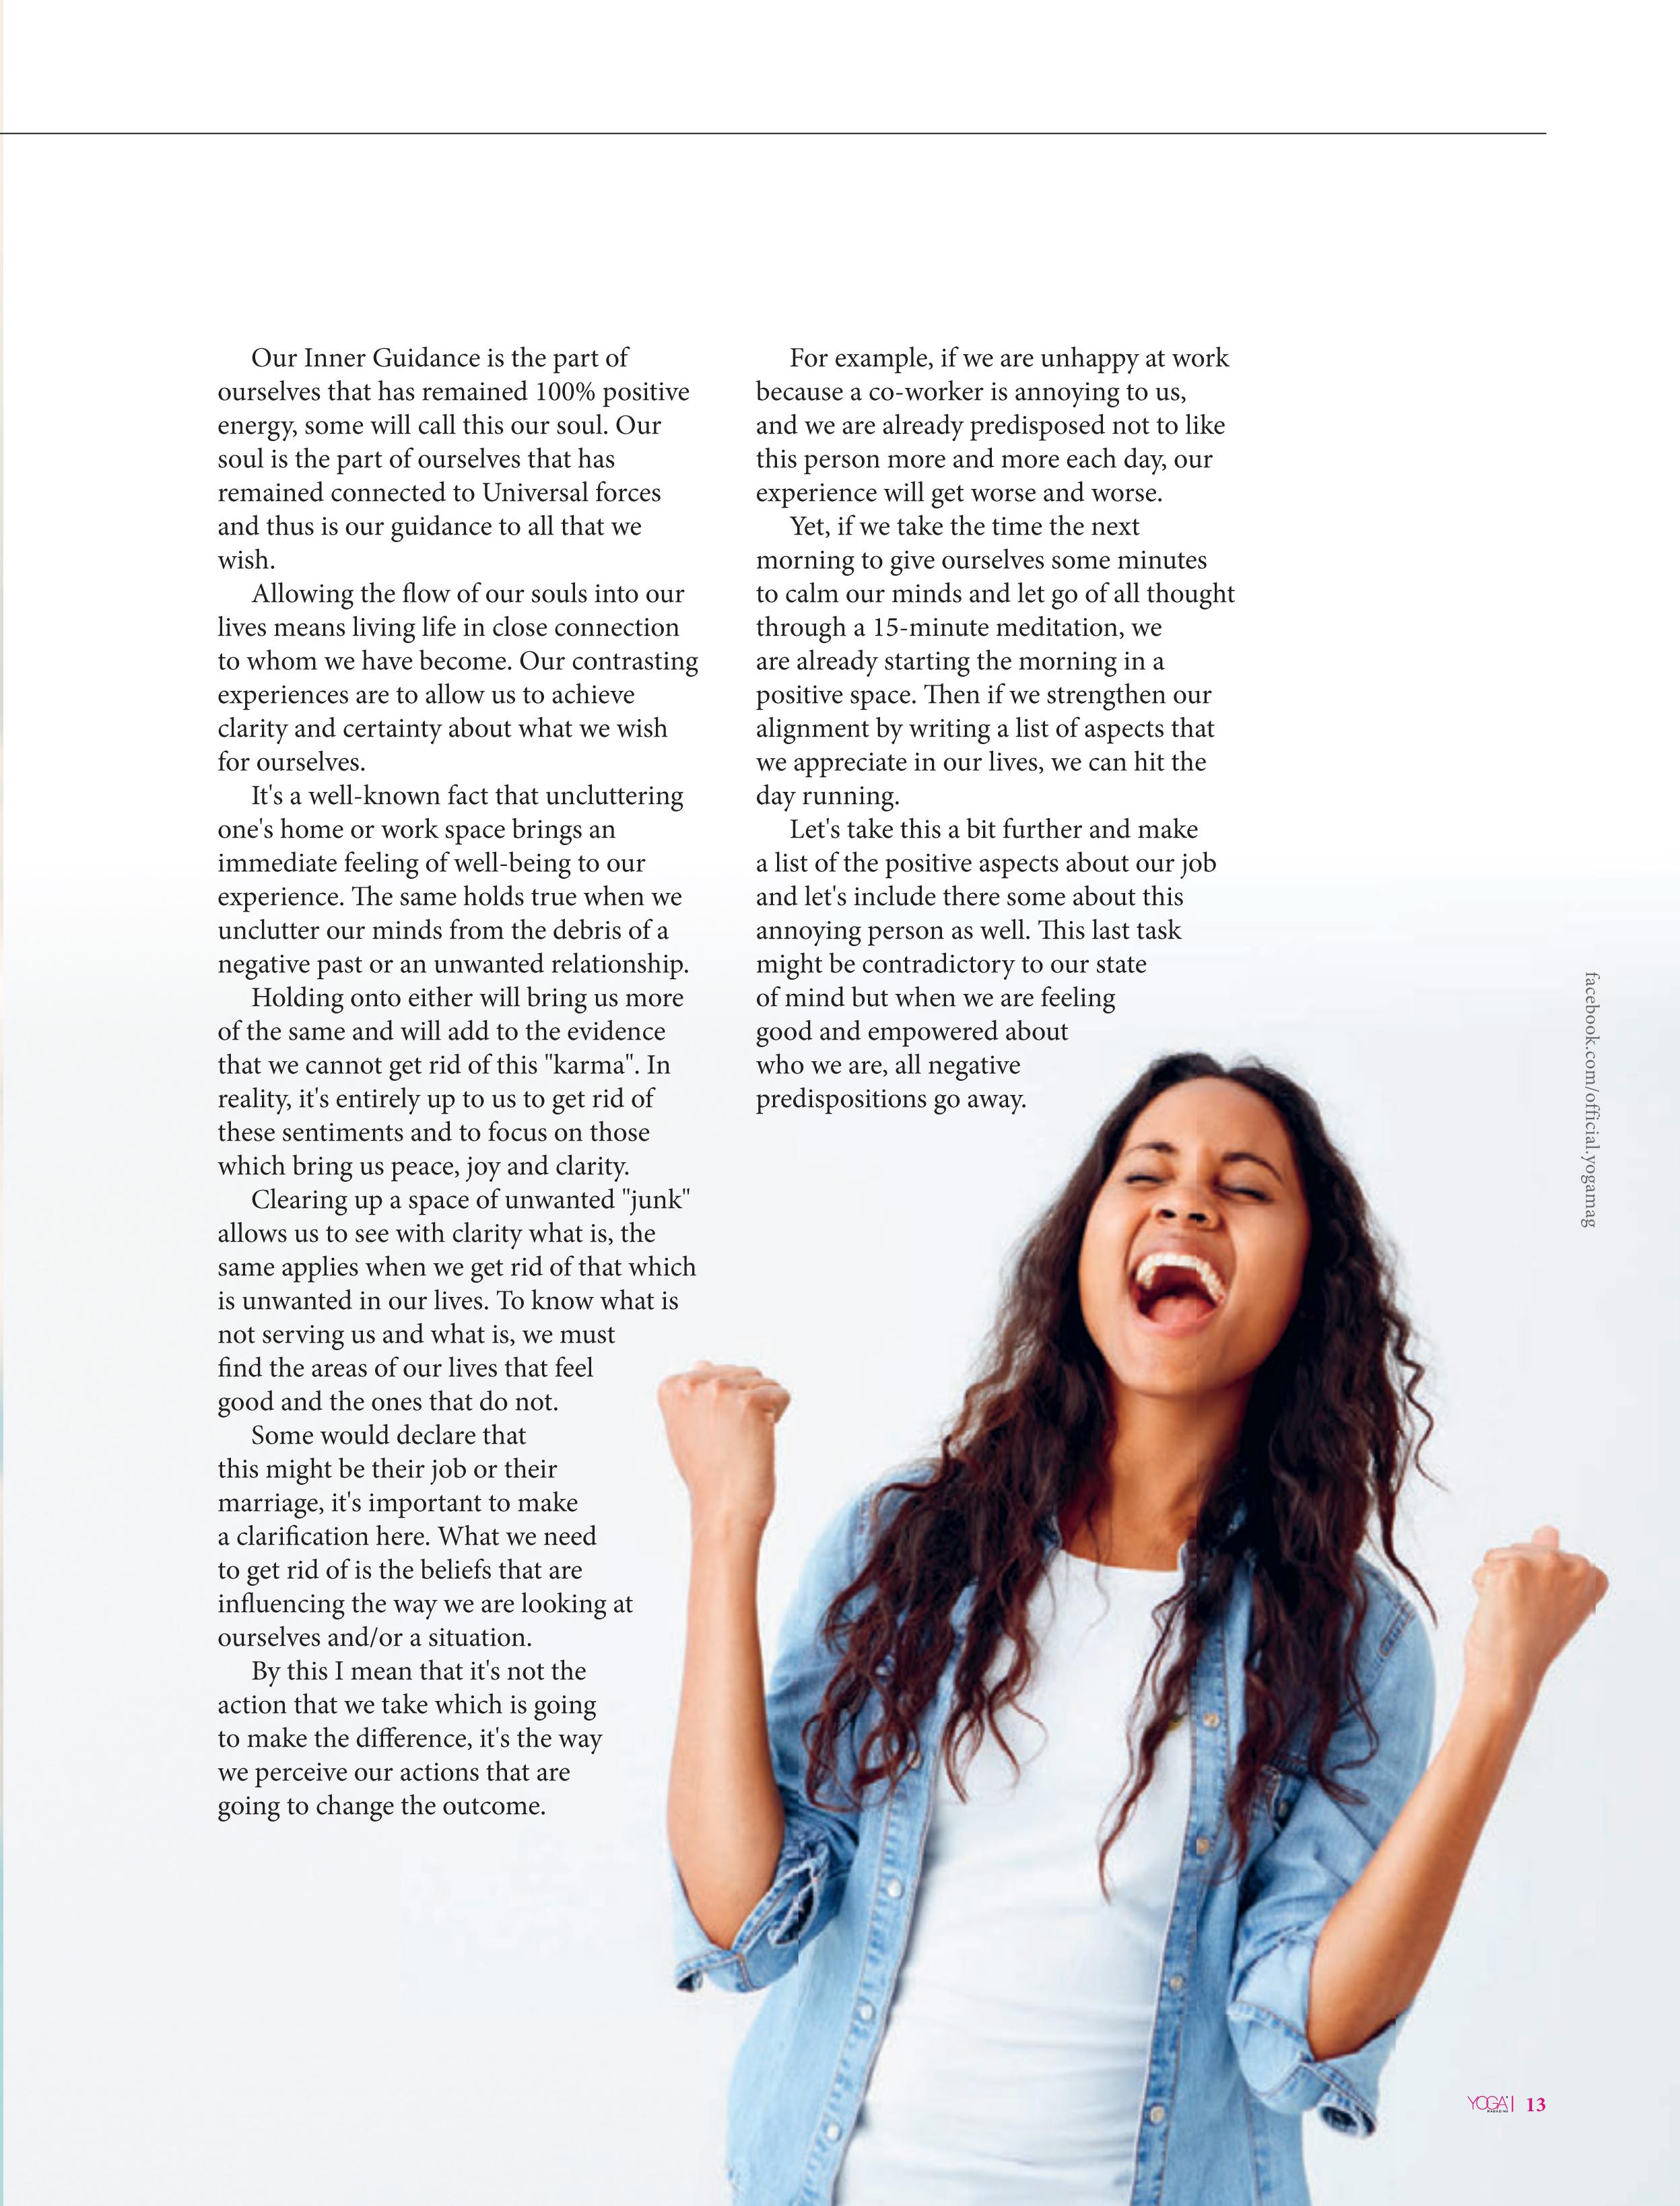 Yoga Mag May 2019 (dragged)-2.jpg